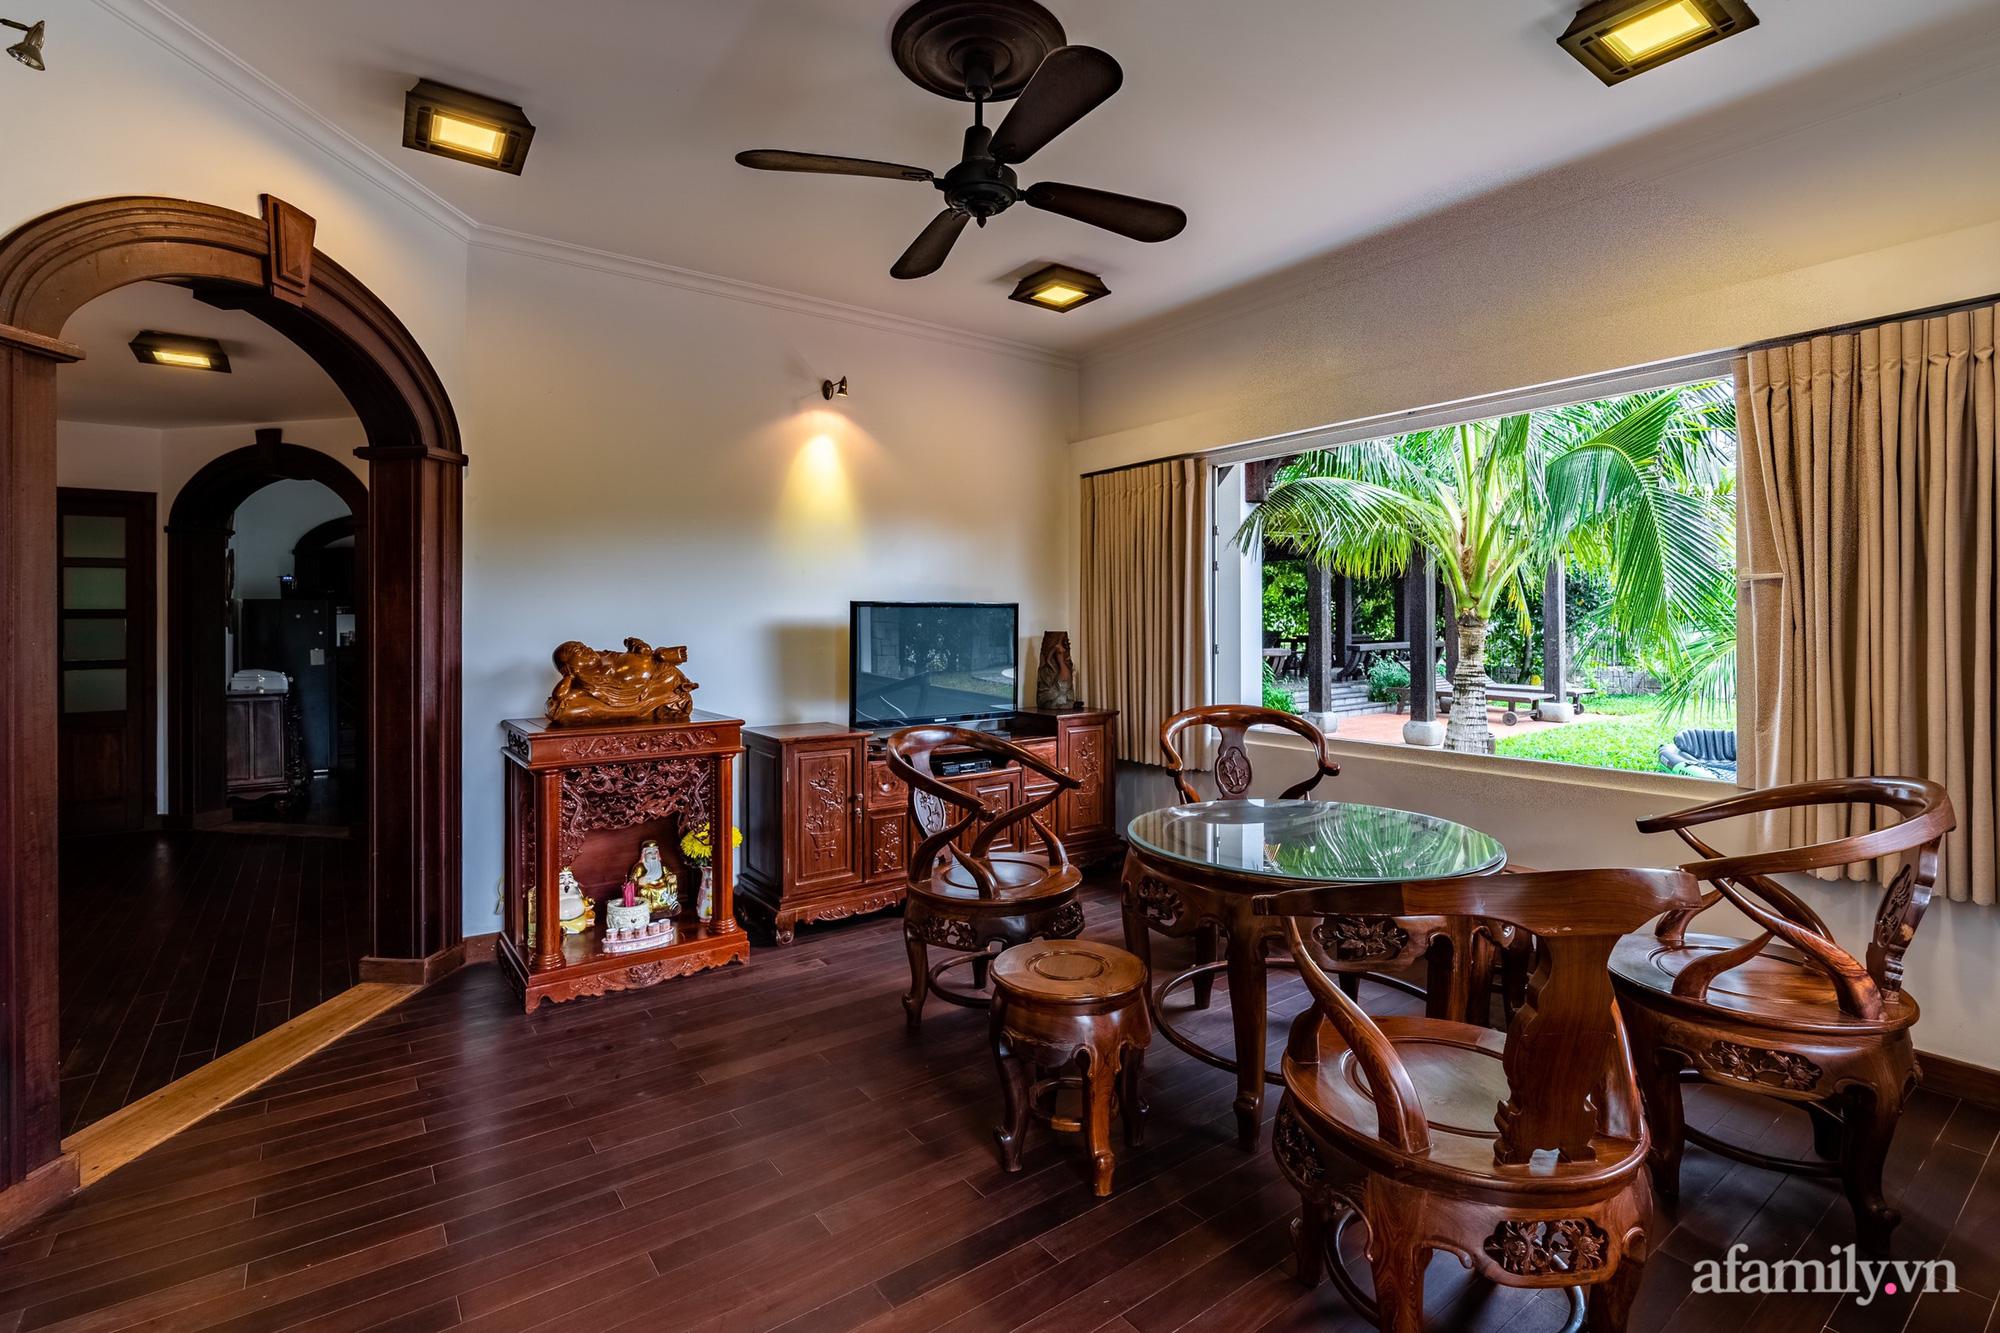 Căn nhà vườn xây 10 năm vẫn đẹp hút mắt với nội thất gỗ và cây xanh quanh nhà ở Nha Trang-11